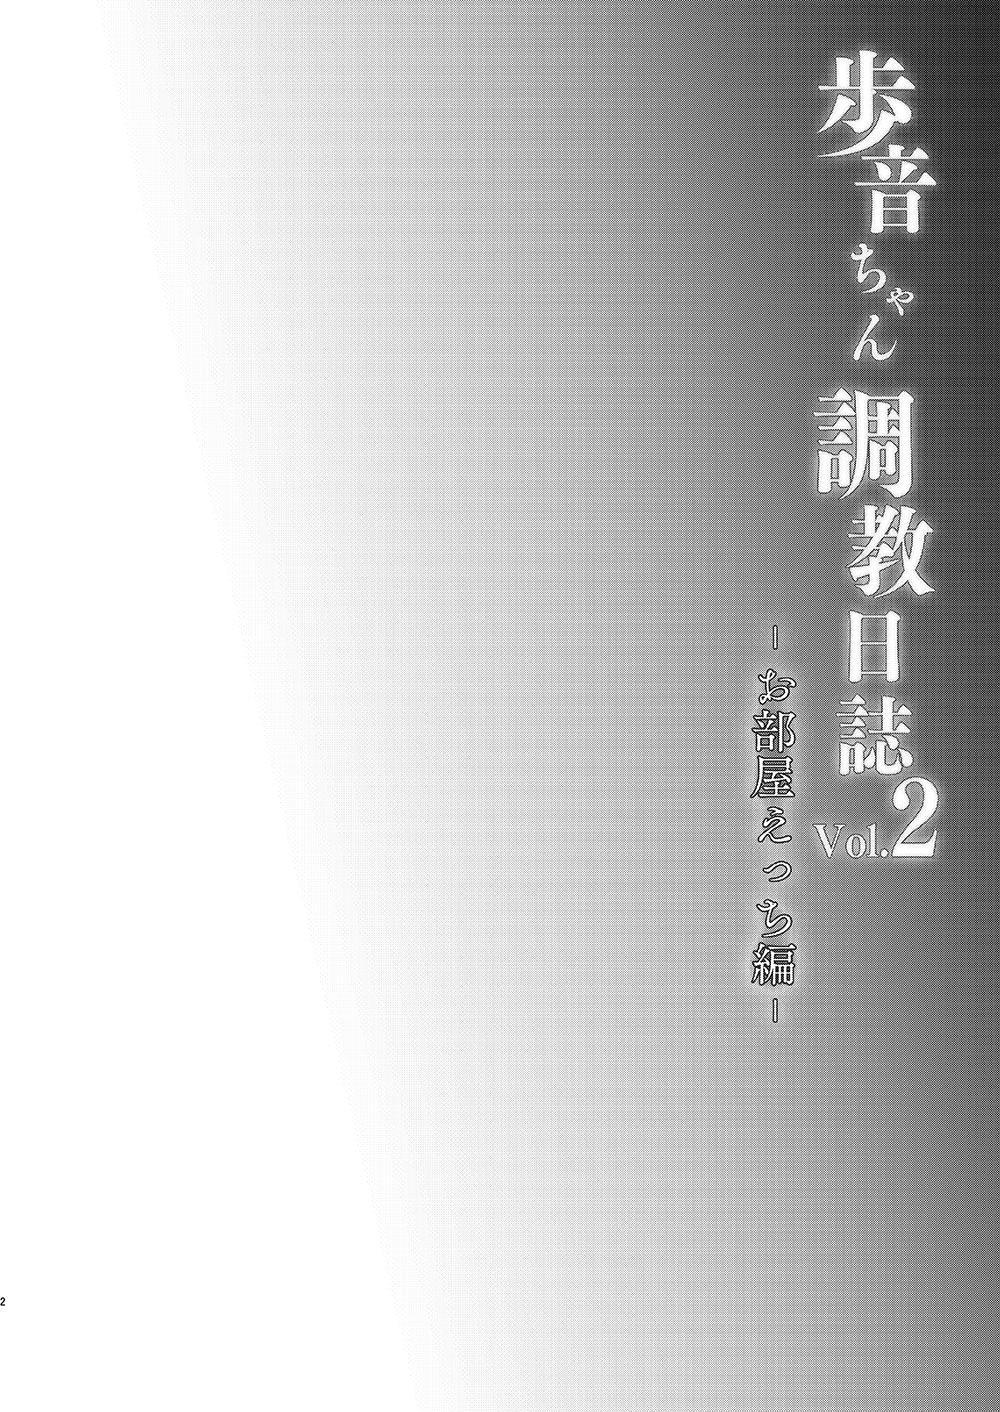 [Shimajiya (Shimaji)] Ayune-chan Choukyou Nisshi Vol. 2 -Oheya Ecchi Hen- [Digital] 2